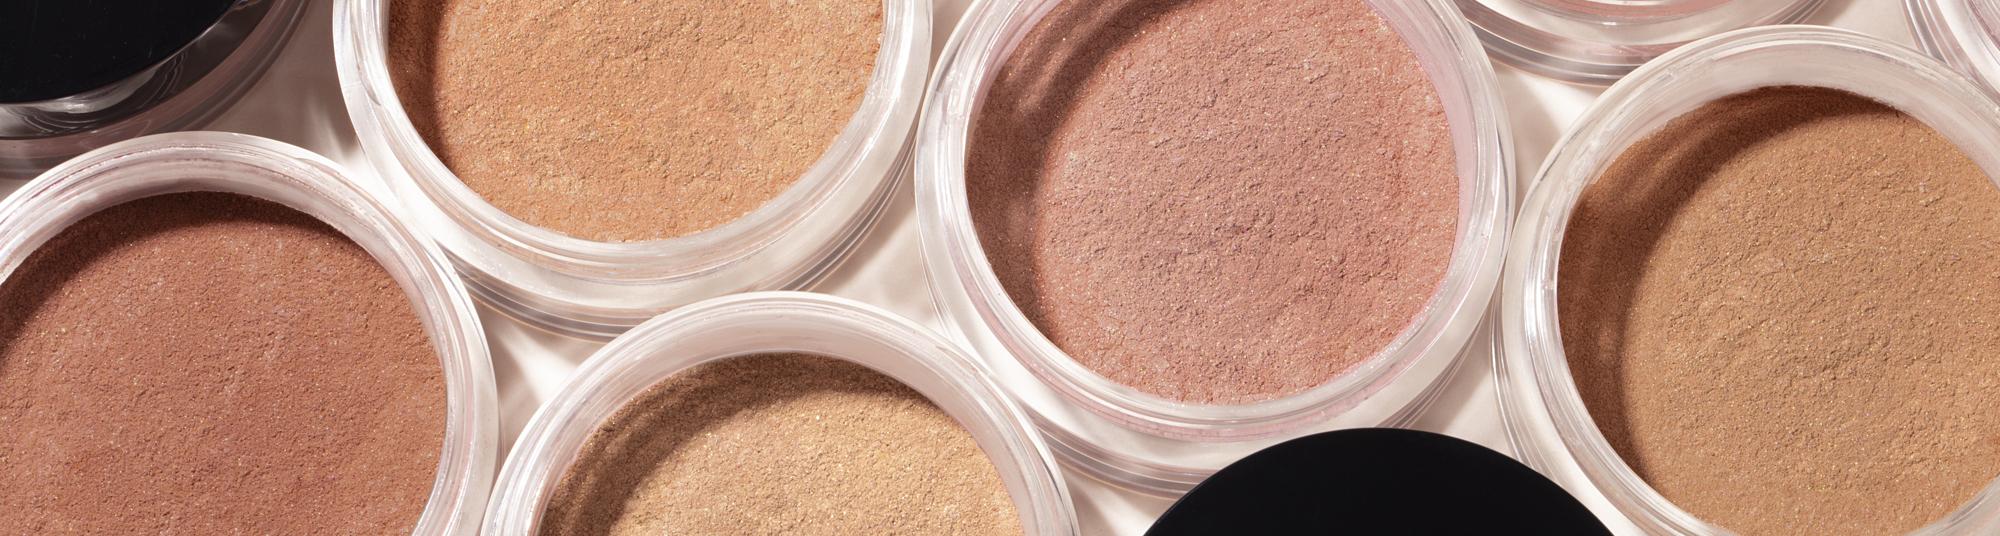 Mii Cosmetics Mineral Makeup